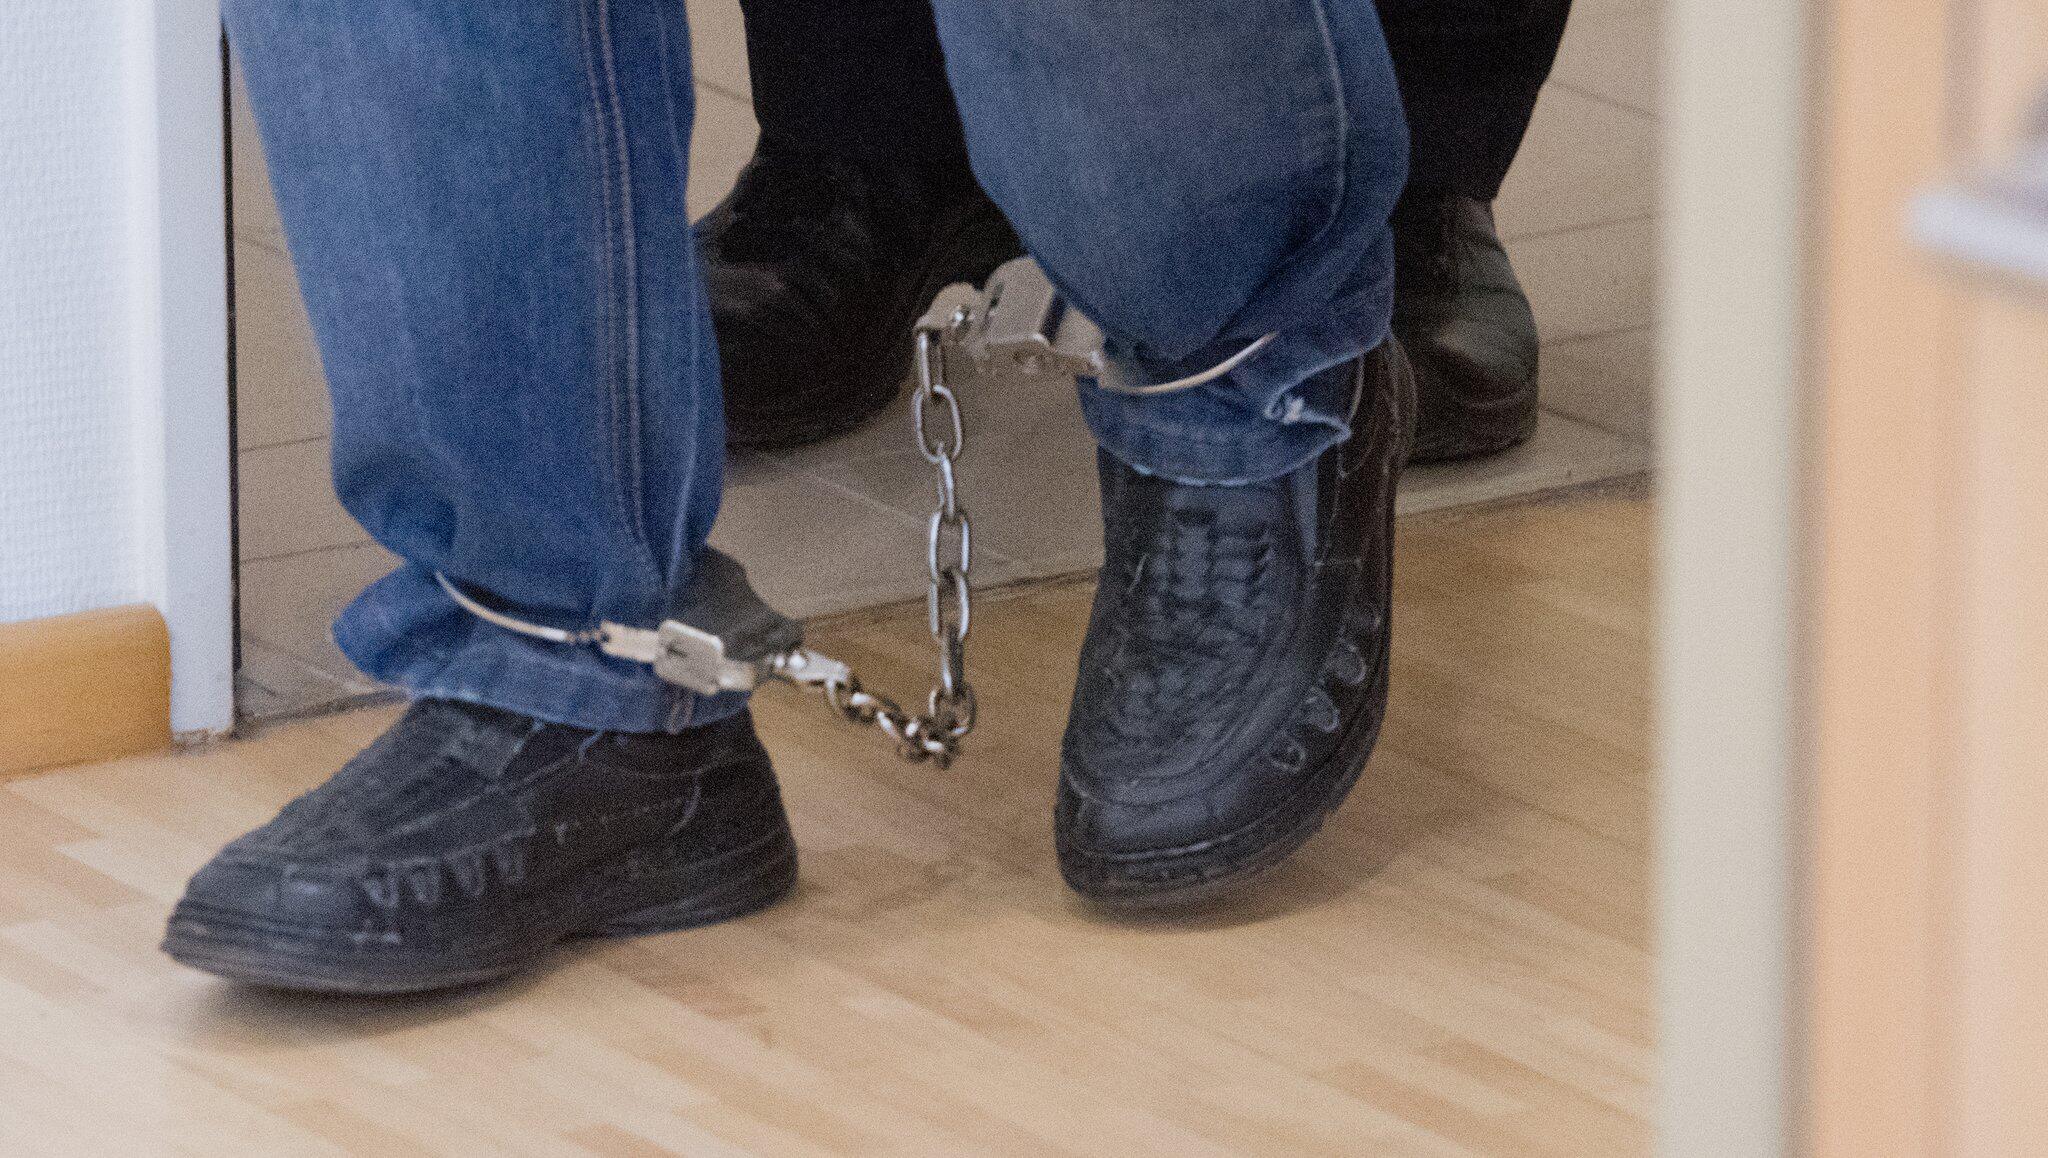 Bild zu Prozess gegen einen Grossvater, Stralsund, Missbrauch, Enkelinnen